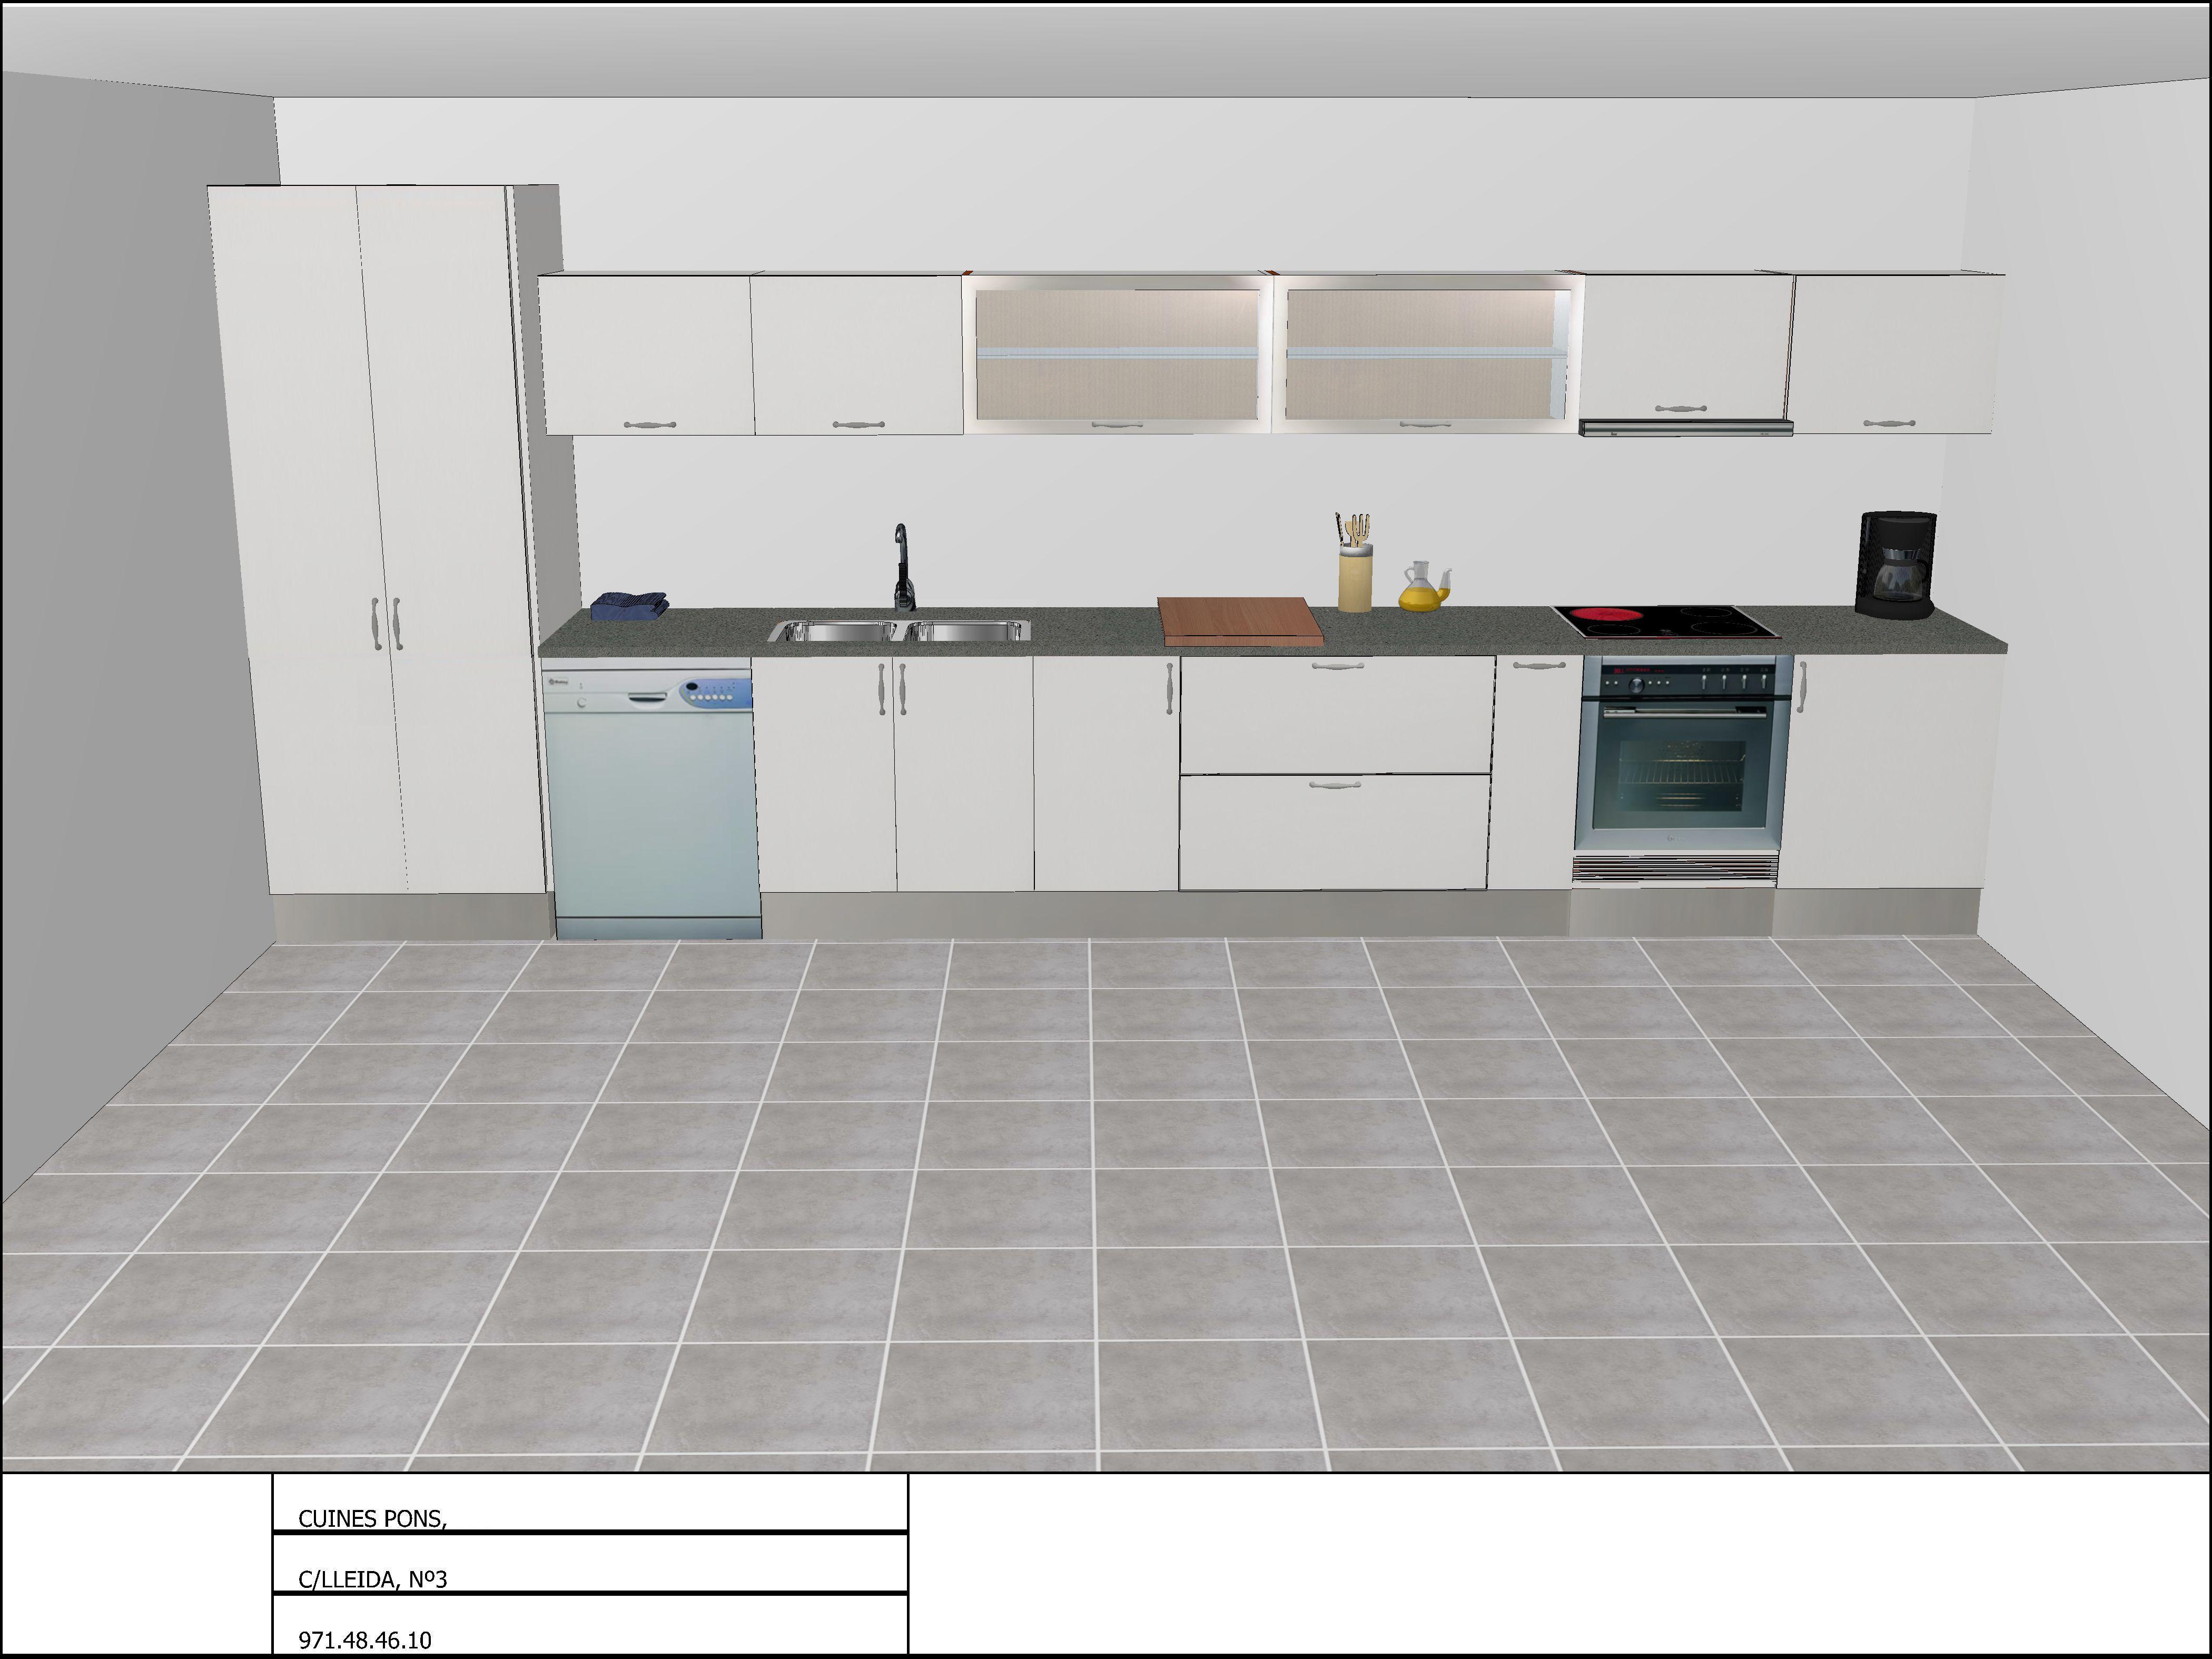 Programas dise o cocinas 3d gratis espa ol casa dise o for Diseno cocinas 3d gratis espanol